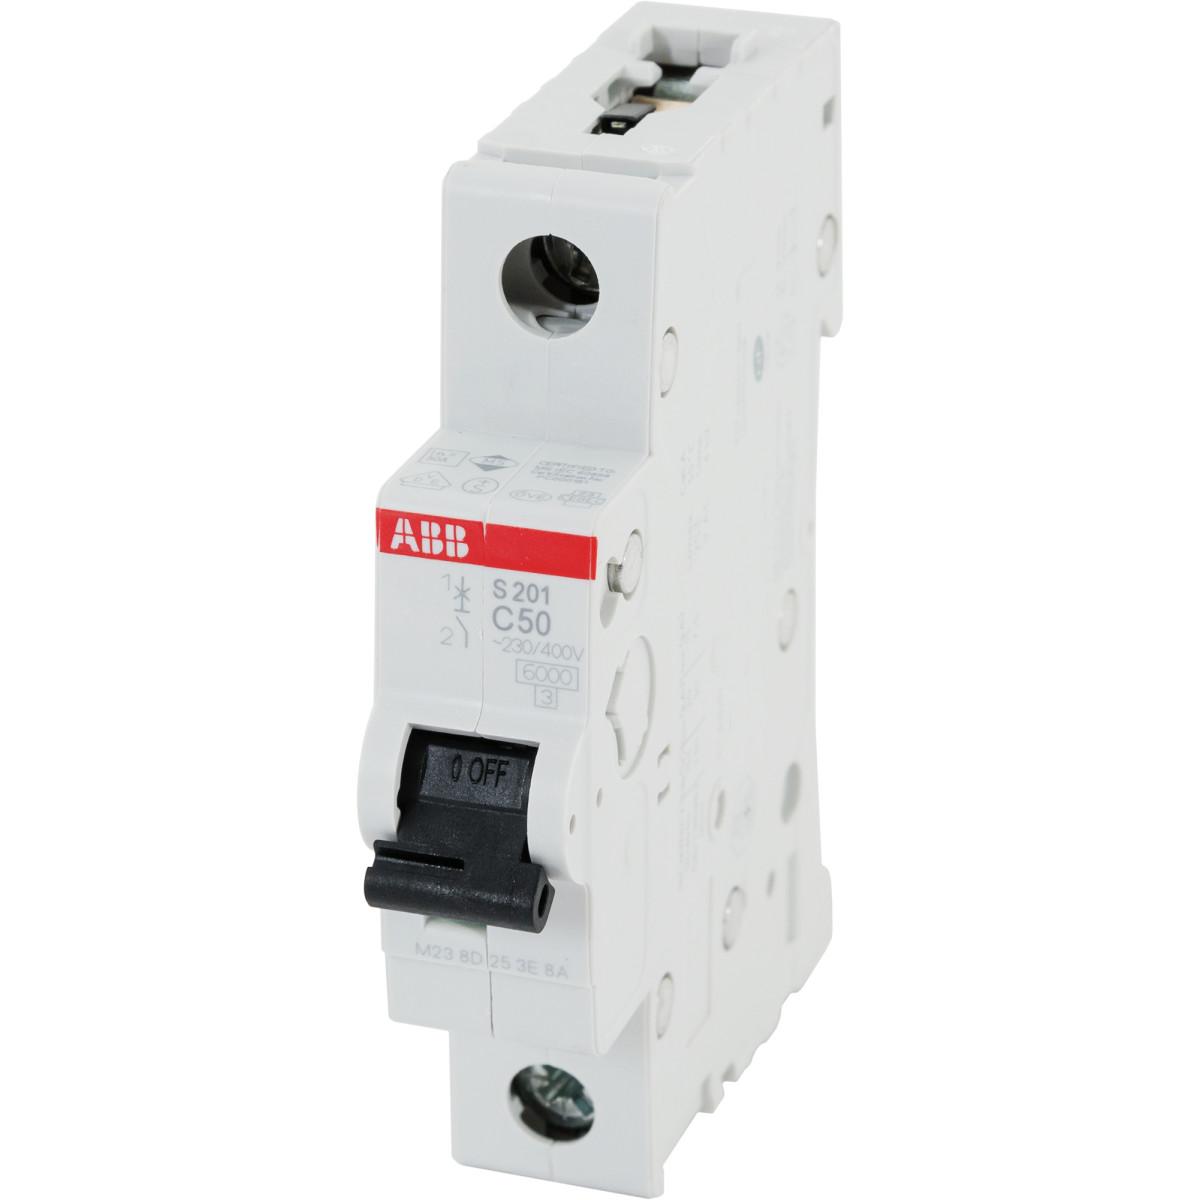 Выключатель автоматический ABB S201 1 полюс 50 А C